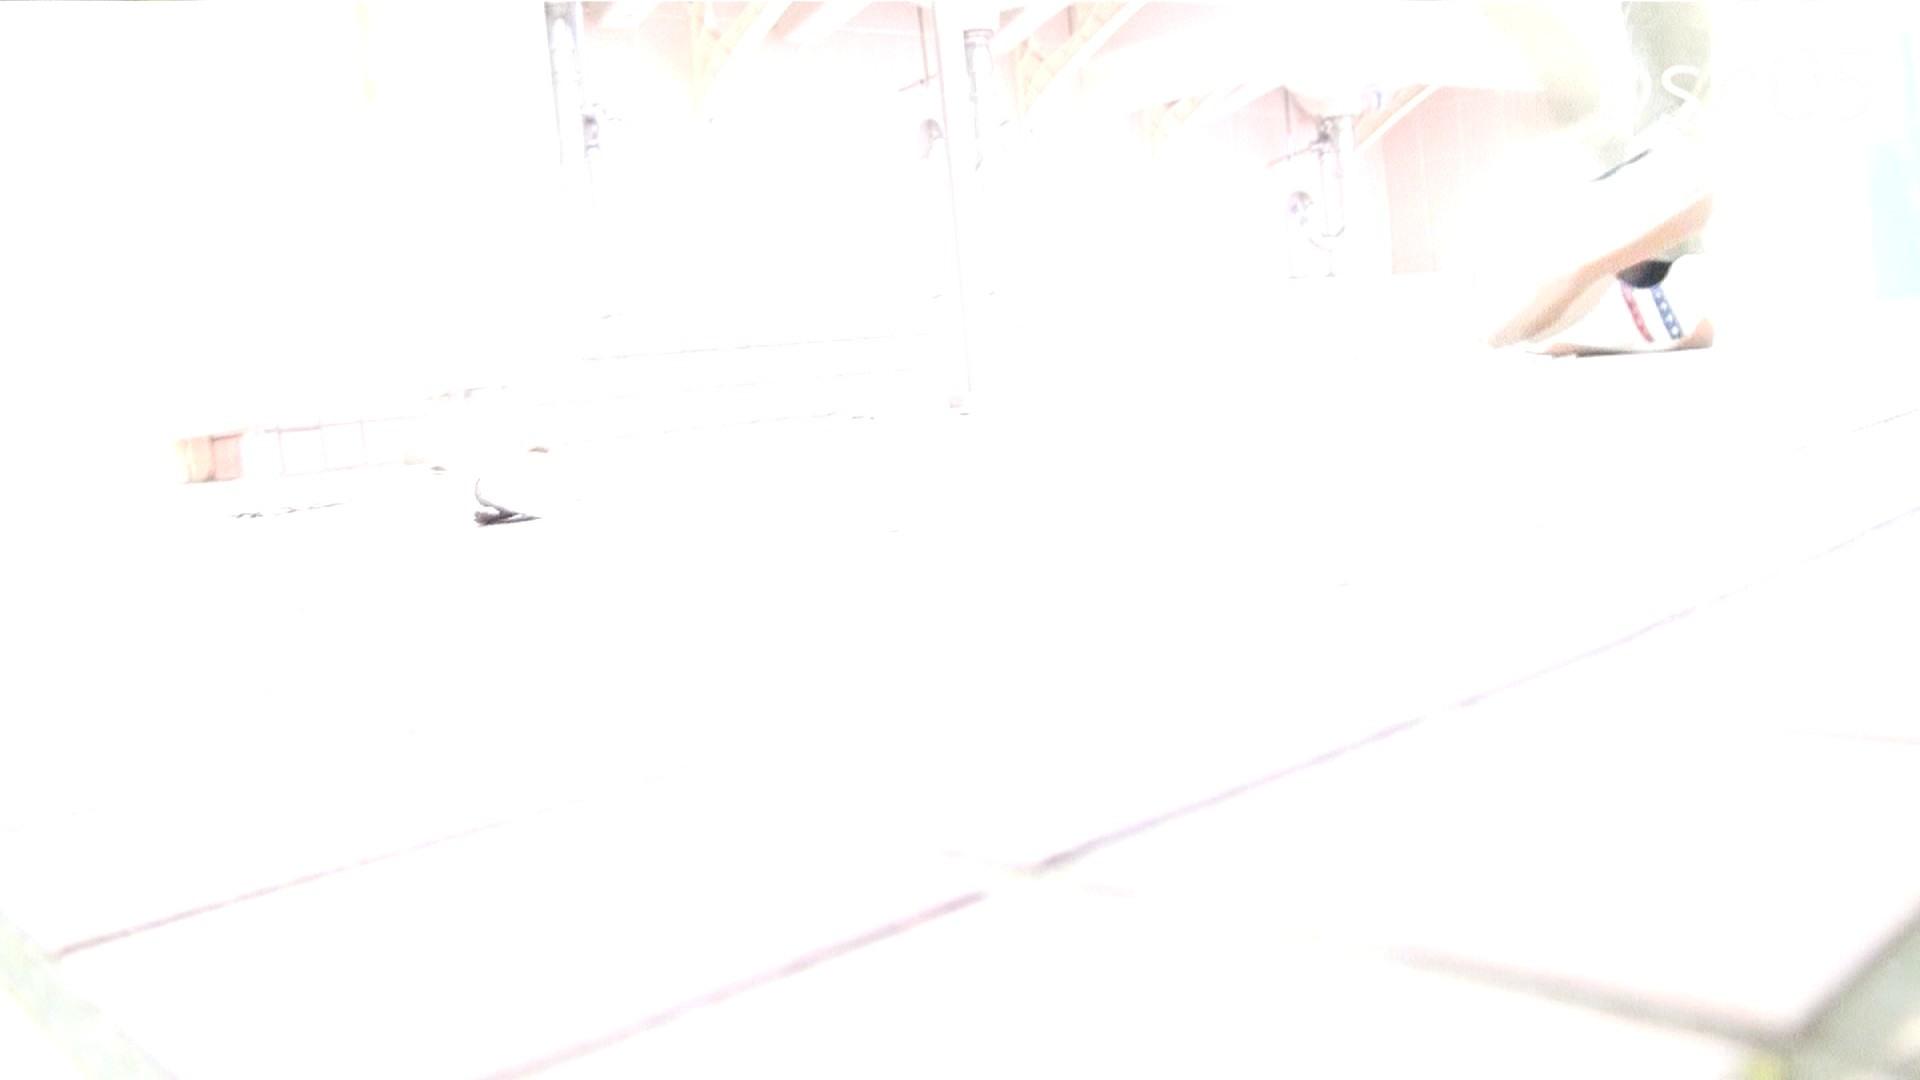 ▲復活限定▲ハイビジョン 盗神伝 Vol.5 ギャル達 オメコ動画キャプチャ 111枚 93